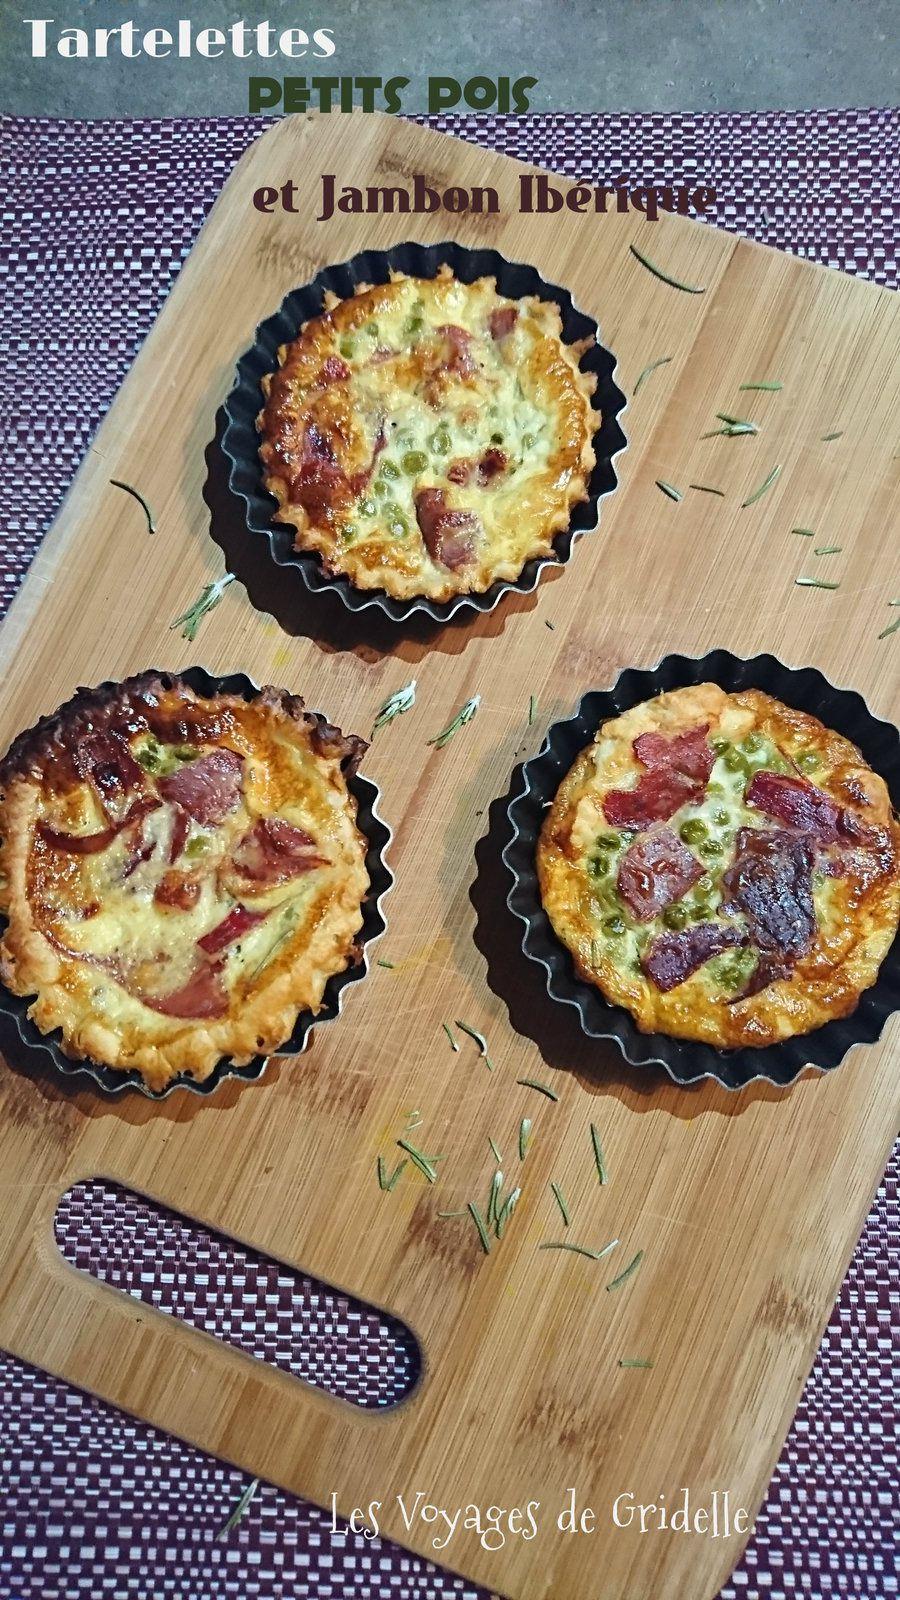 Tartelettes Petits Pois et Jambon Ibérique